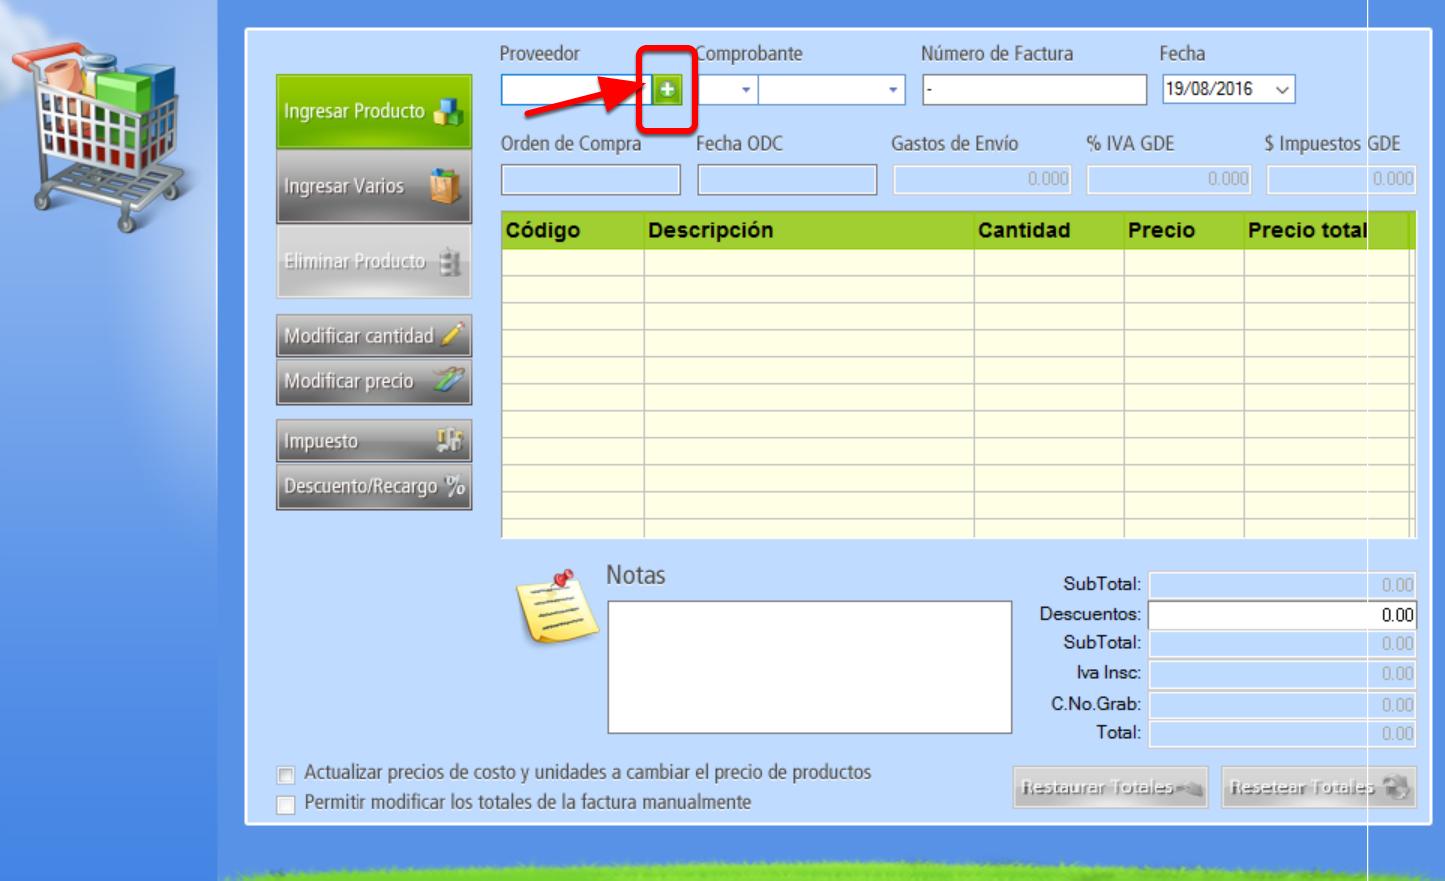 El sistema de gesti贸n empresarial permite seleccionar el proveedor por medio del bot贸n (+):